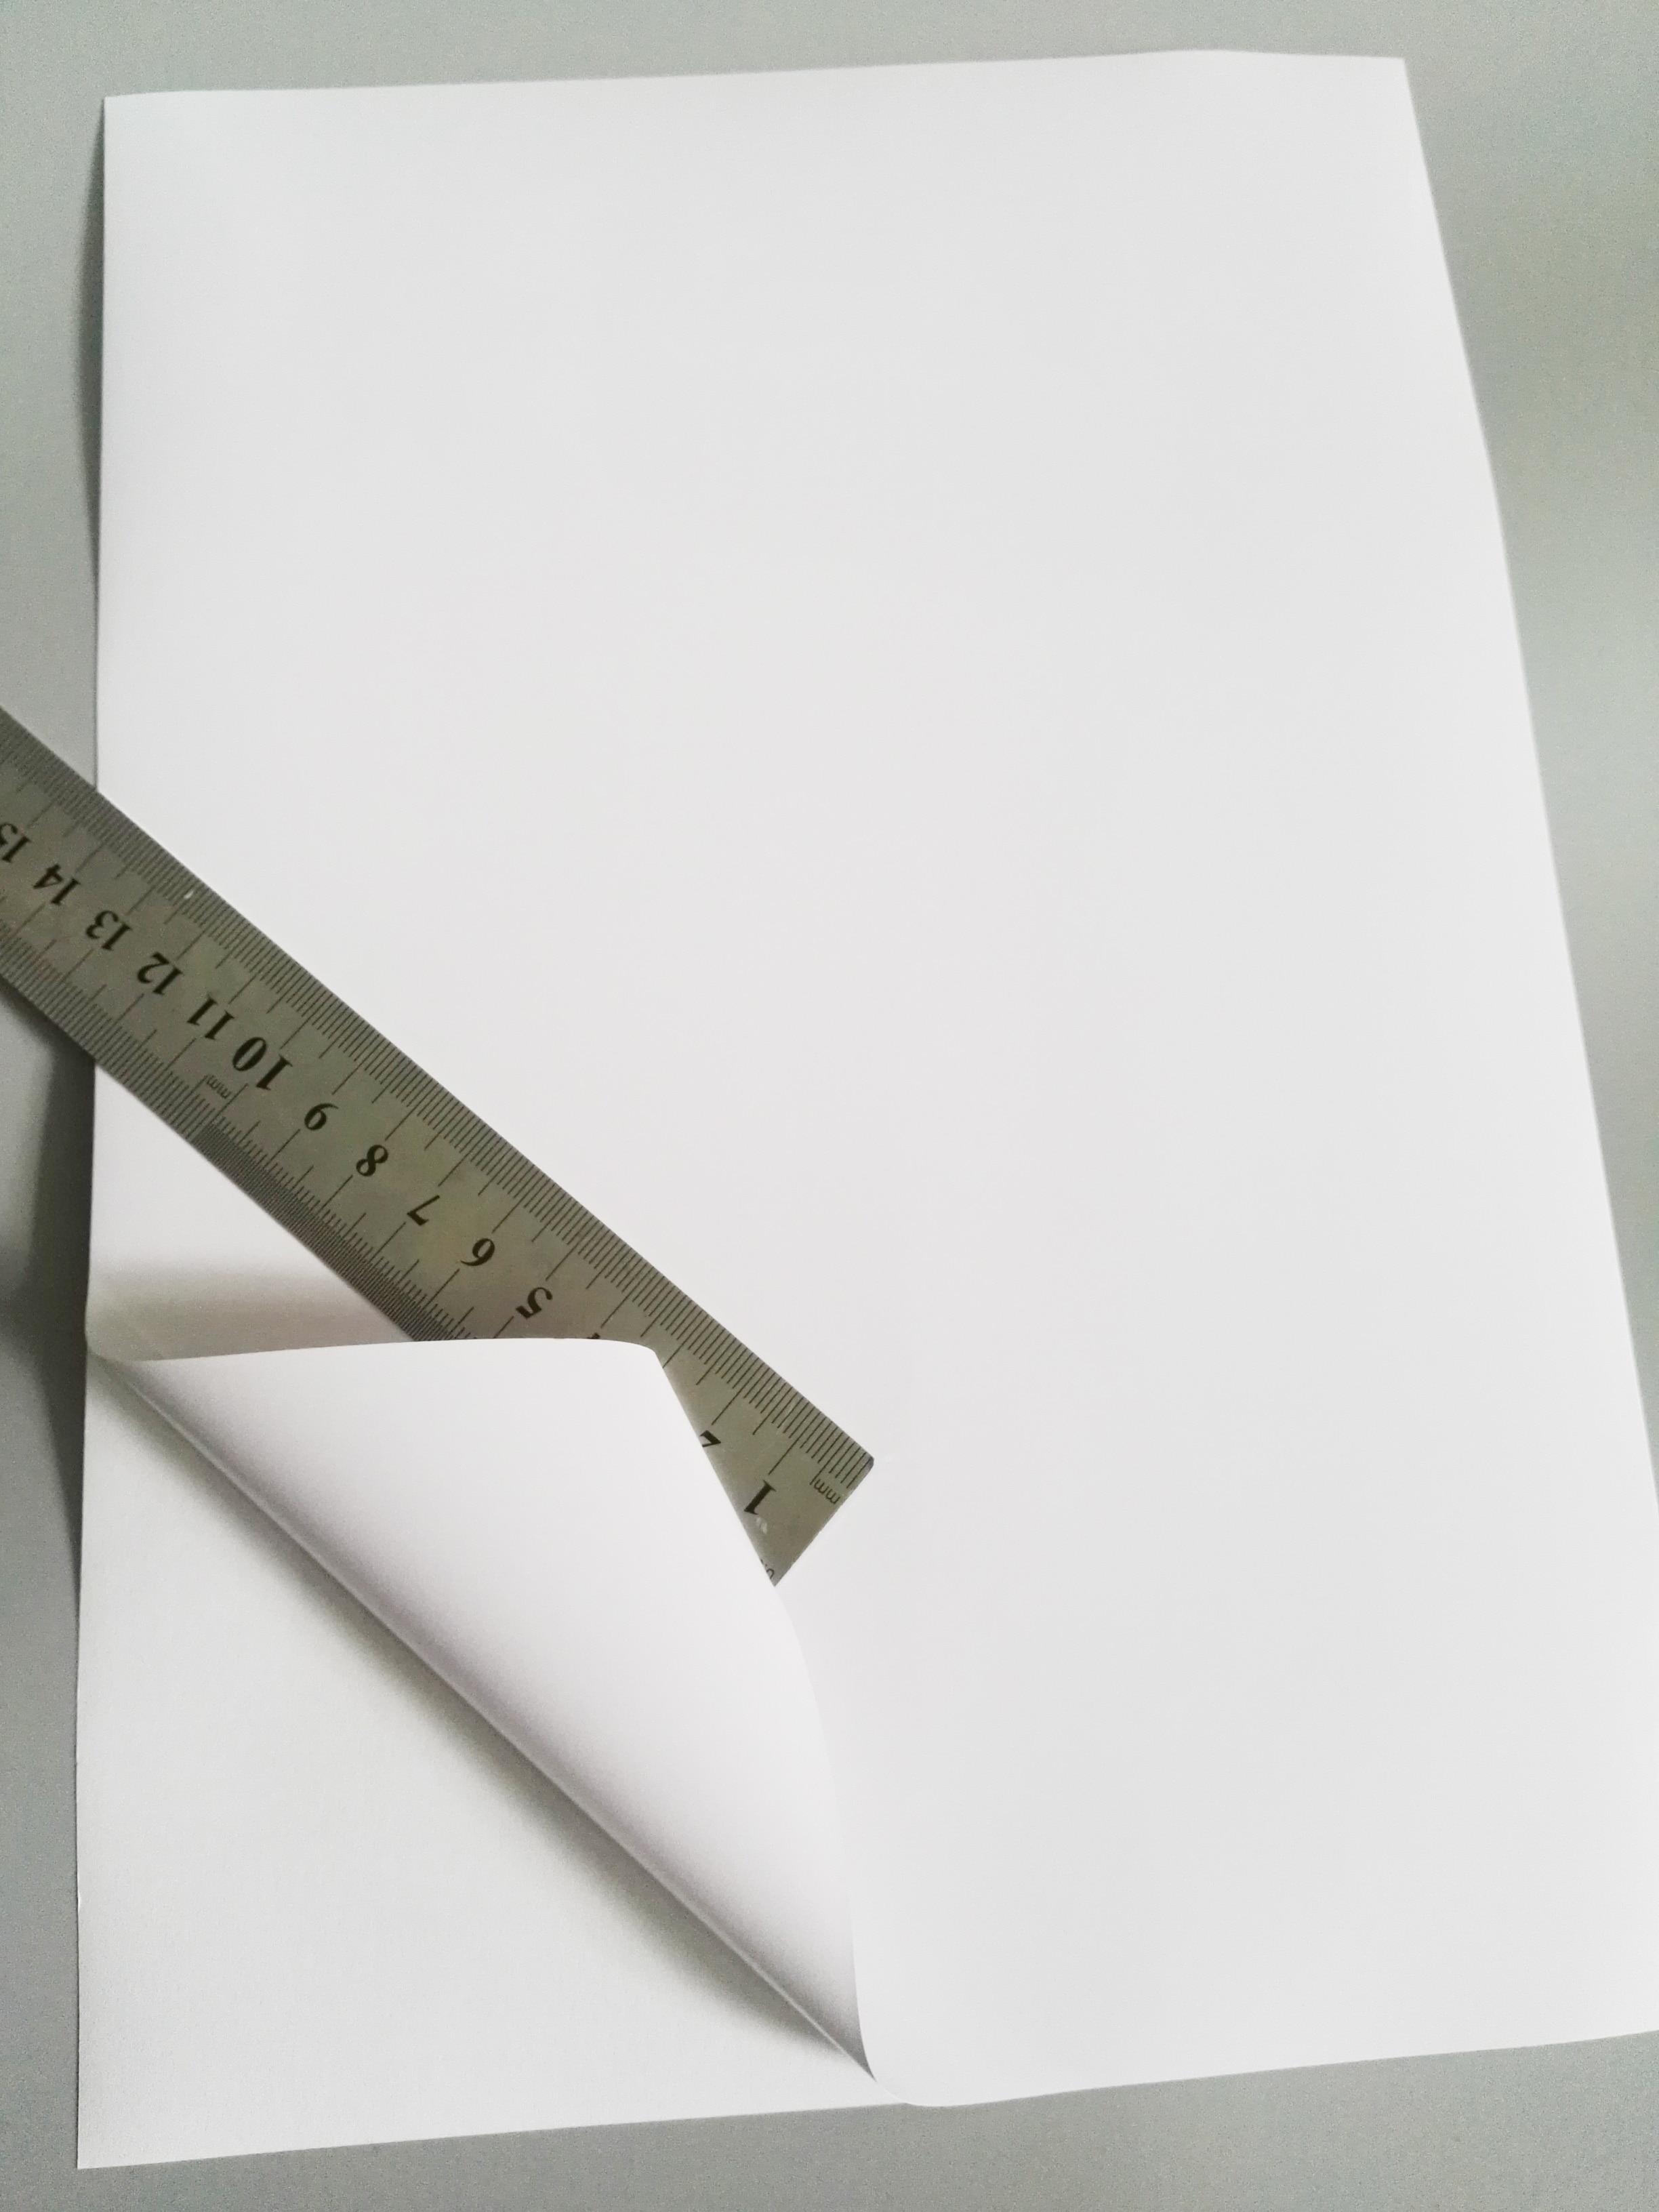 FUNCOLOUR A4 чистый водонепроницаемый самоприклеивающаяся этикетка глянцевый белый винил этикетка для струйный принтер новый специальный материал RJ0001G-in Канцелярские наклейки from Офисные и школьные принадлежности